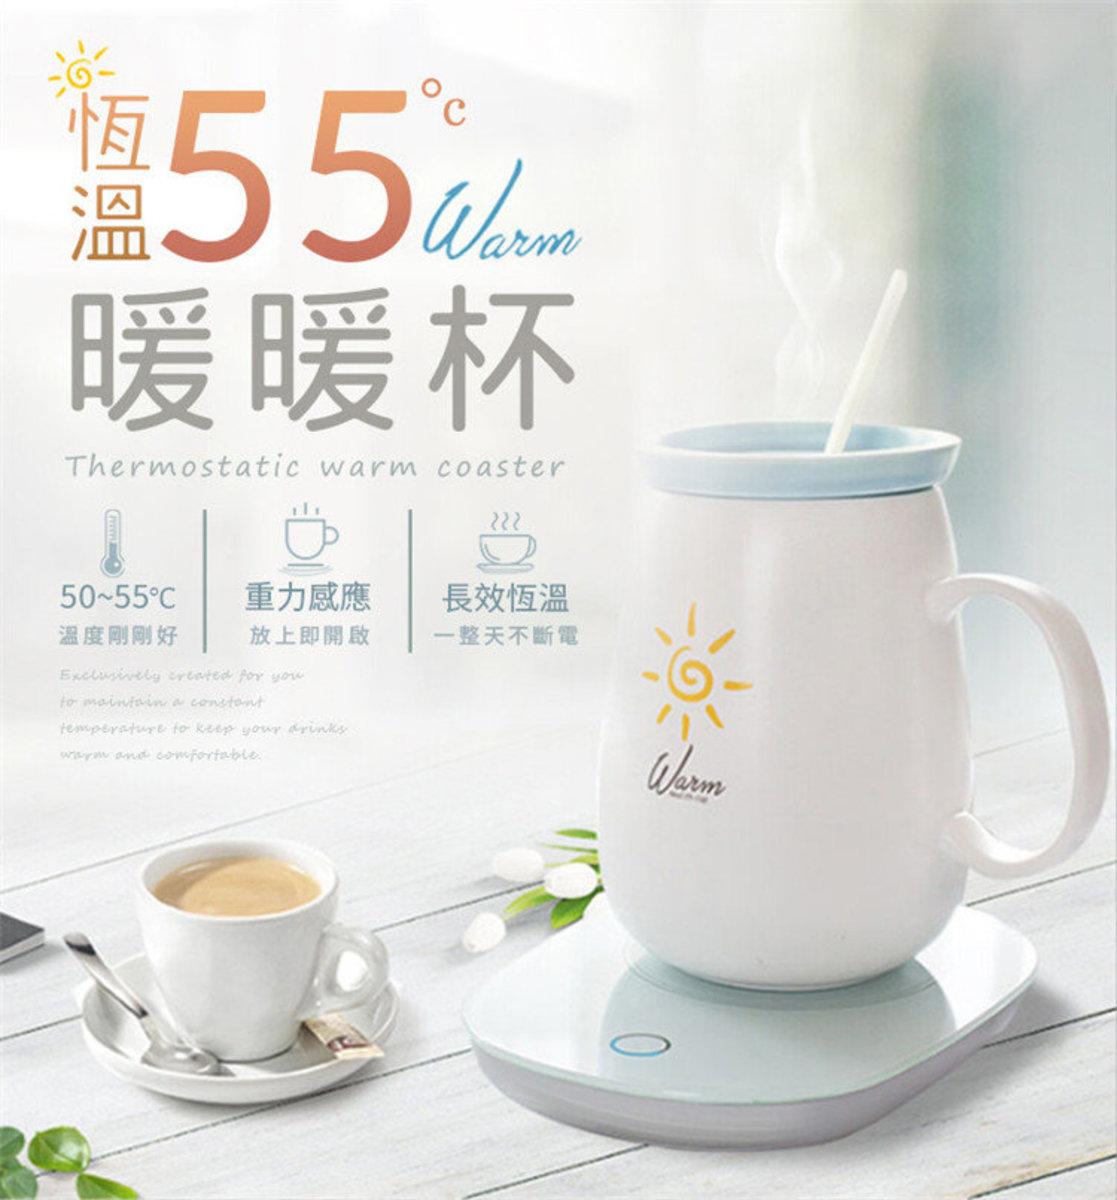 55 ° constant temperature USB ceramic smart coaster + warm cup set [smart power off]